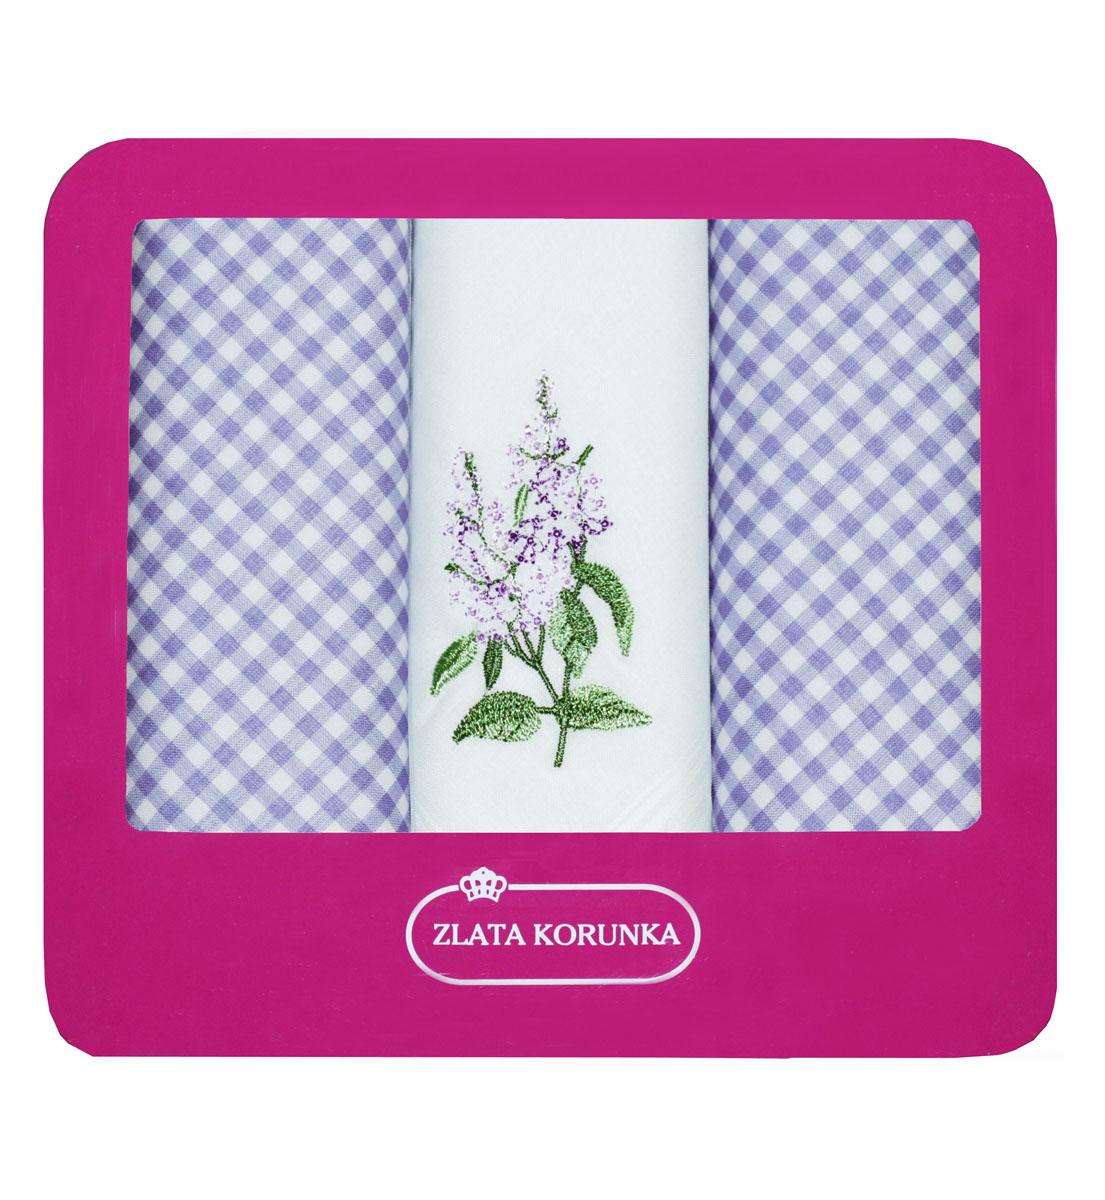 90330-14 Zlata Korunka Носовой платок женский, цвет: мультиколор, 29х29 см, 3 шт90330-14Платки носовые женские в упаковке по 3 шт. Носовые платки изготовлены из 100% хлопка, так как этот материал приятен в использовании, хорошо стирается, не садится, отлично впитывает влагу.